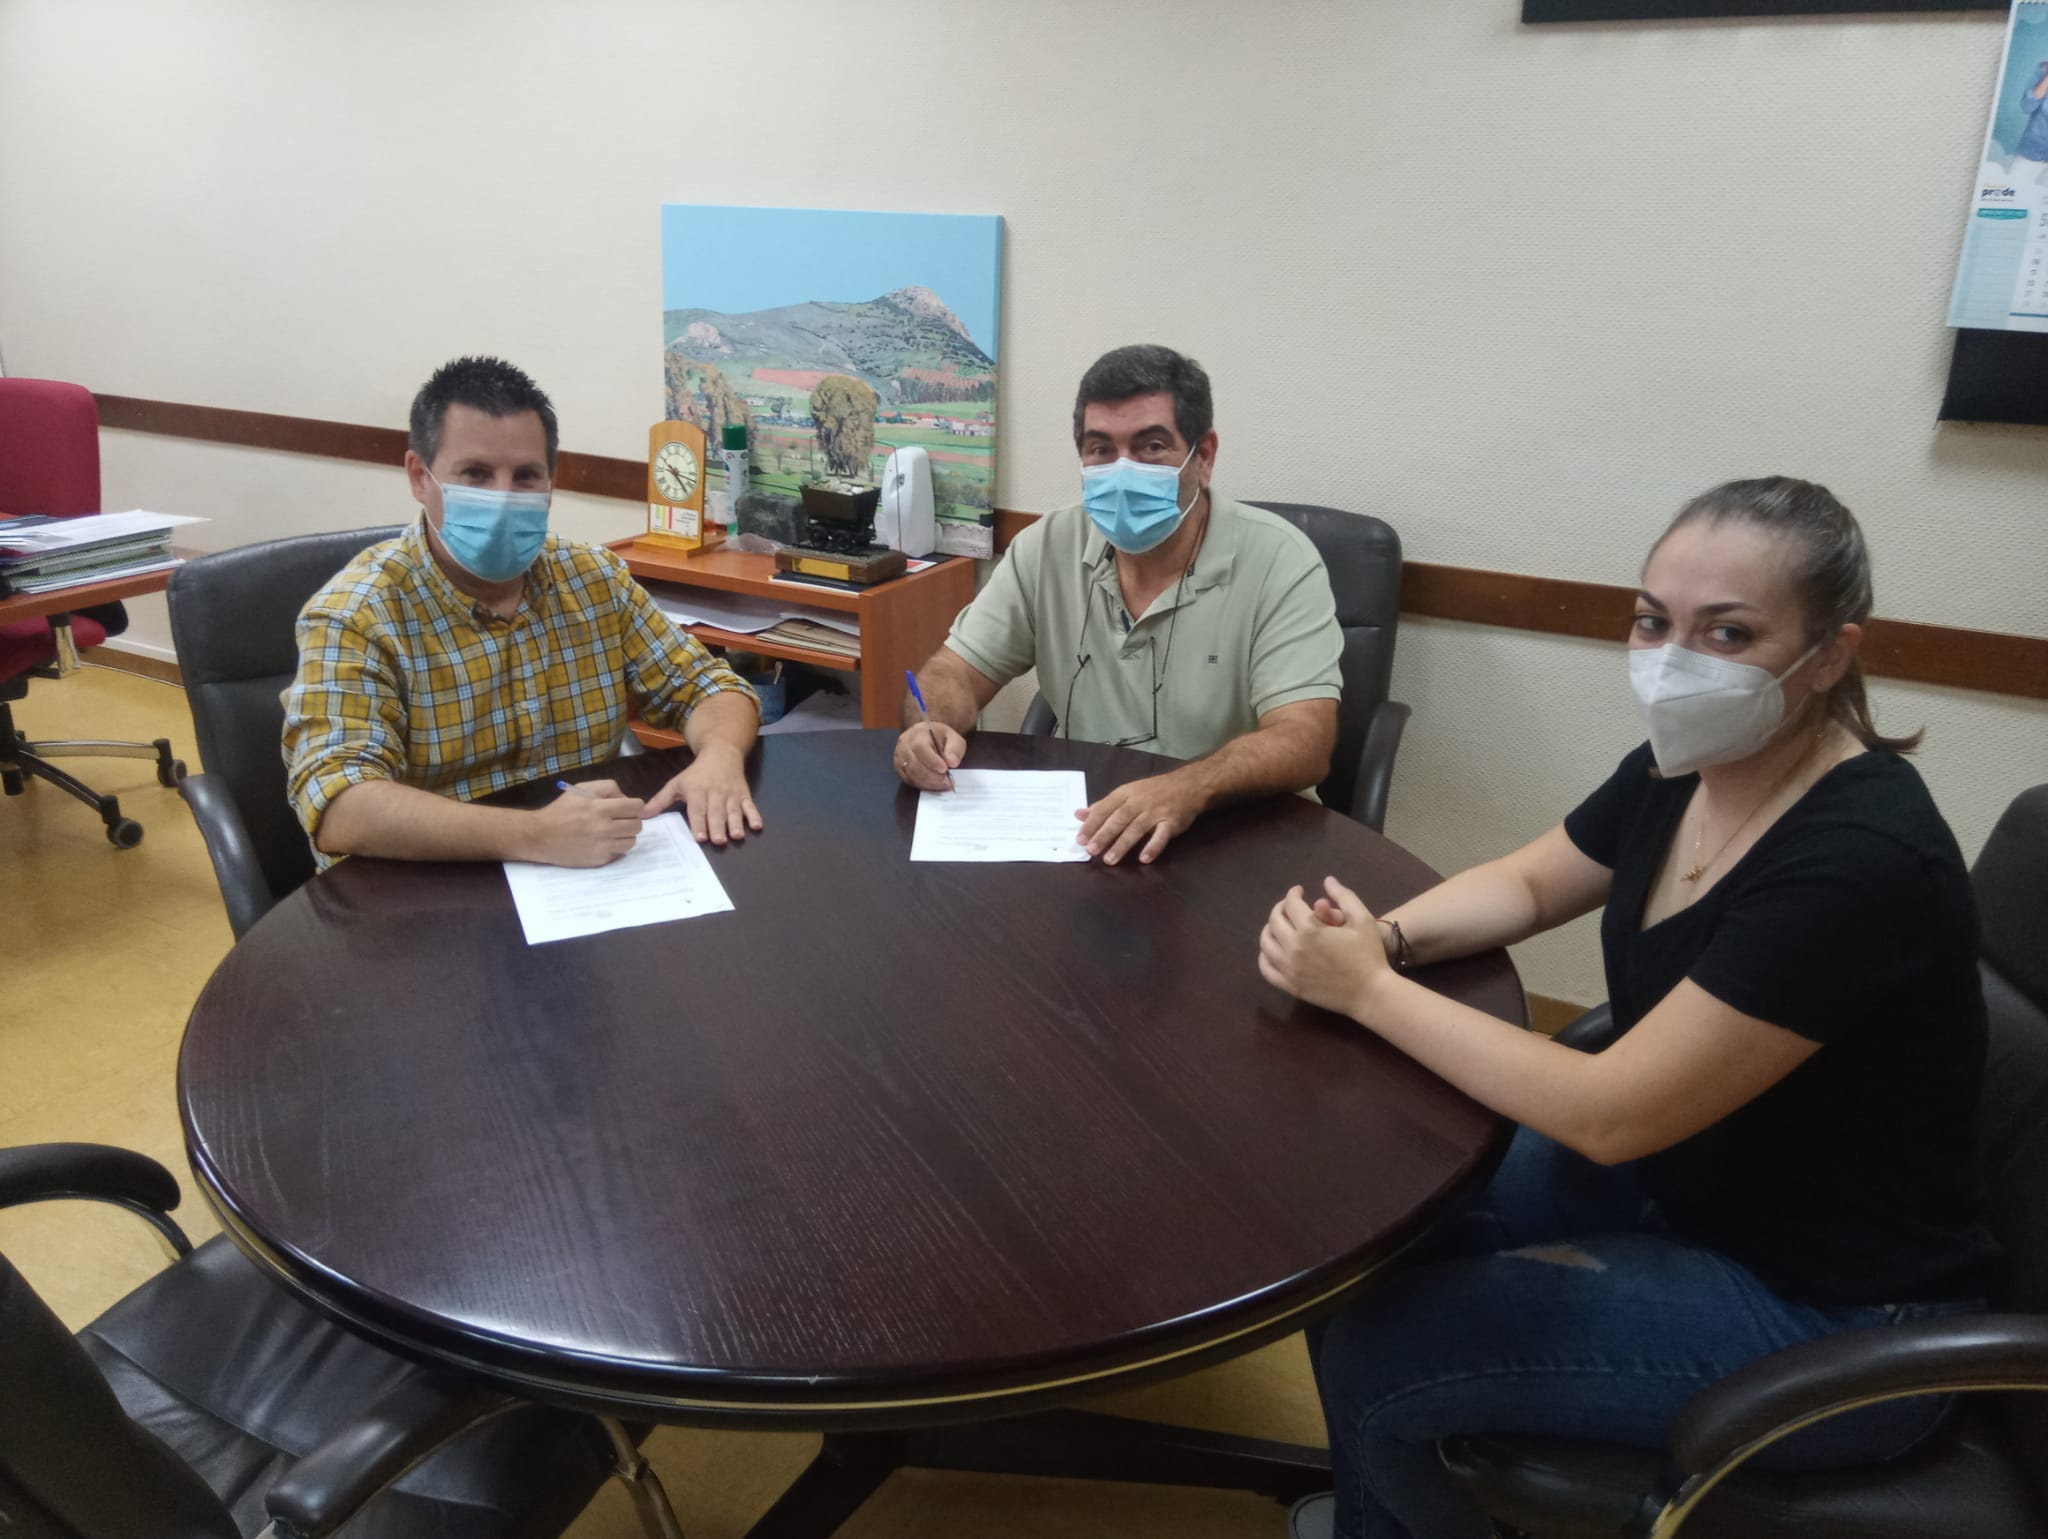 Firmado el Contrato para la Construcción del Parque Infantil de La Guita